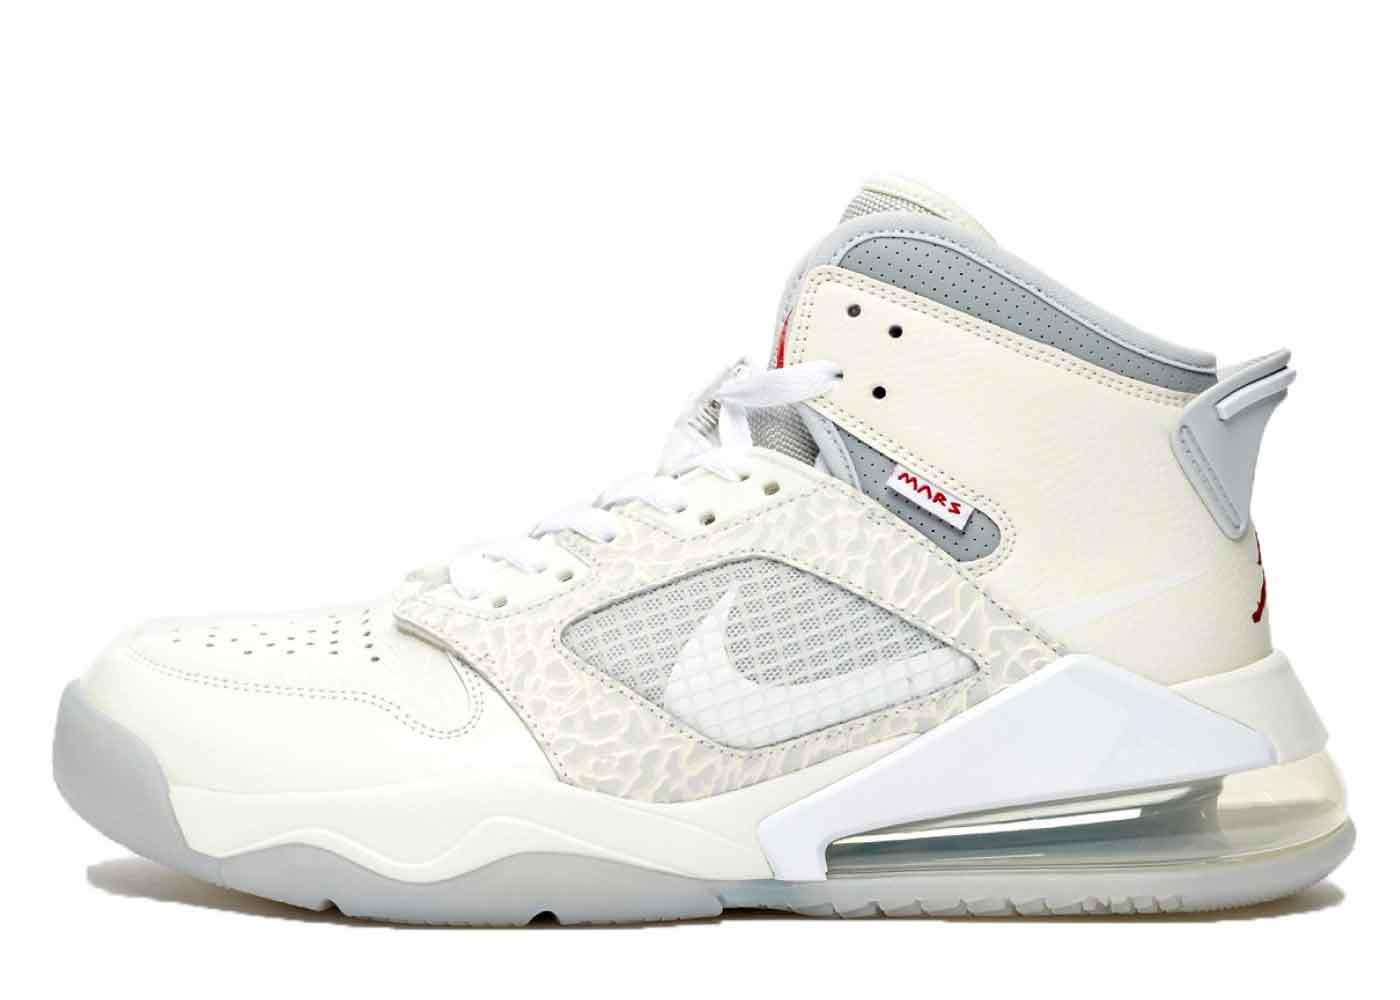 Nike Air Jordan Mars 270 Sneakersnstuff Exclusiveの写真